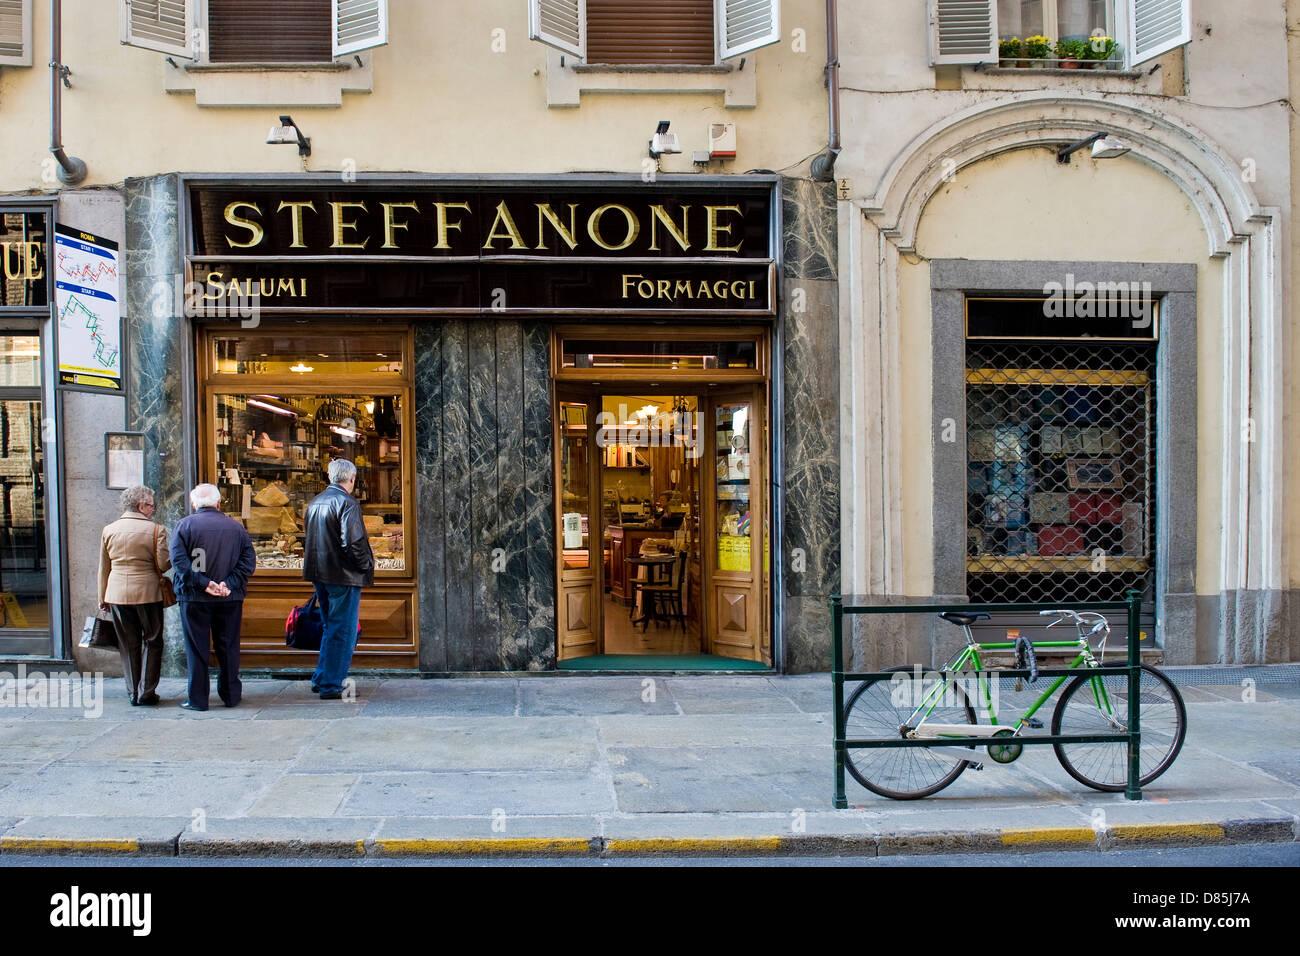 Italien Piemont Turin Steffanone Lebensmittelgeschäft Stockbild